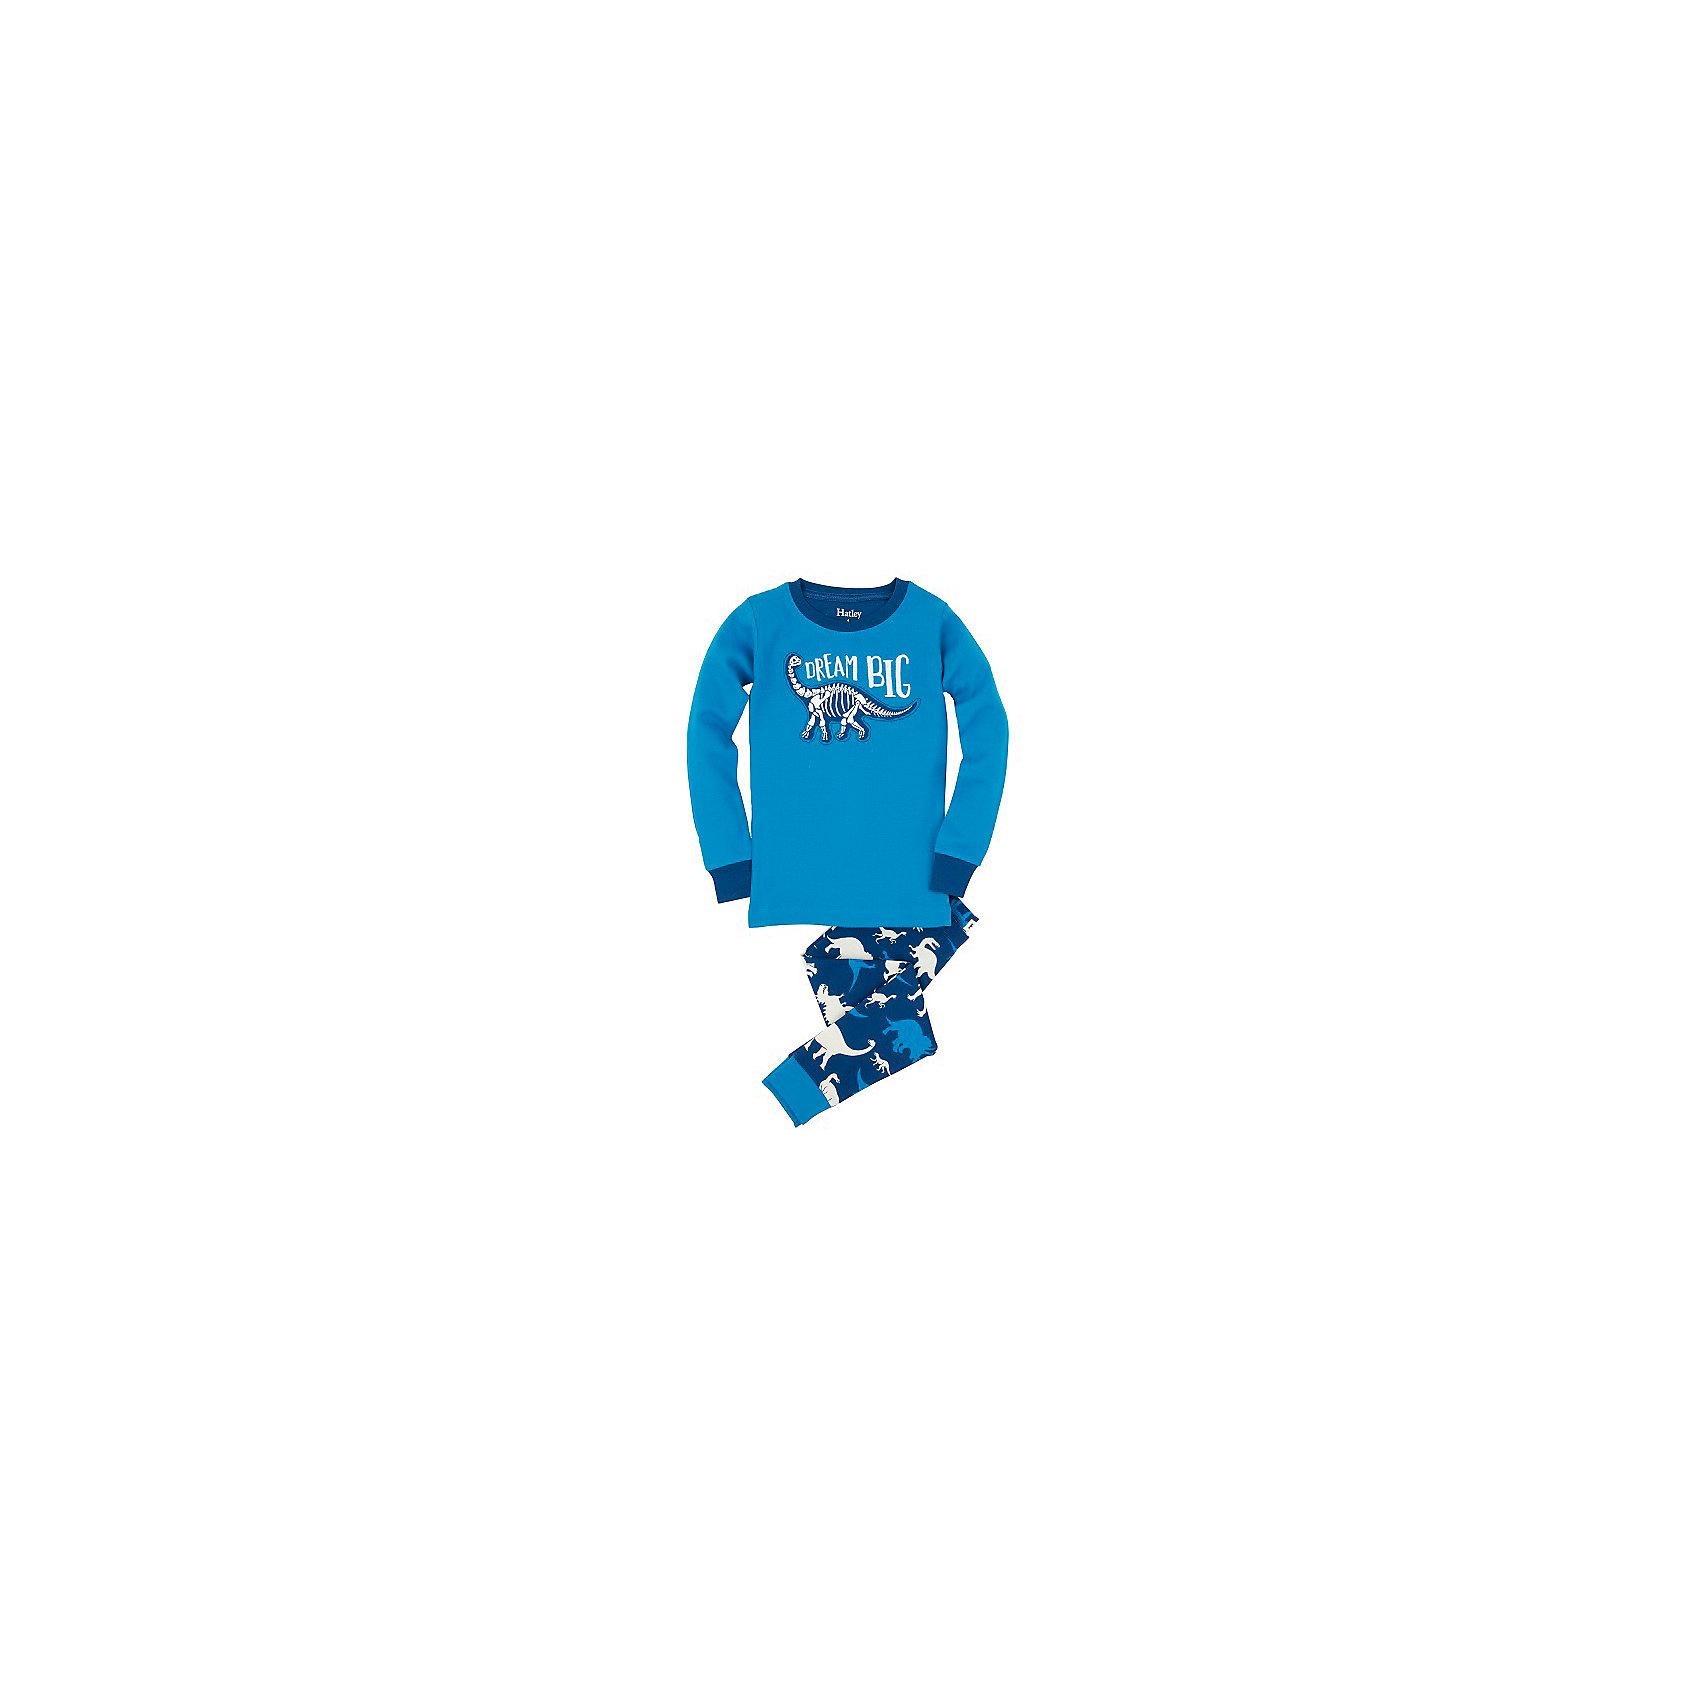 Пижама для мальчика HatleyПижамы и сорочки<br>Пижама для мальчика Hatley<br><br>Характеристики:<br><br>• Цвет: голубой<br>• Материал: 100% хлопок<br><br>Милая и яркая пижама для мальчика сделана из качественного материала, который не вызывает аллергию. Манжеты внизу на штанишках и на рукавах делают пижаму еще теплее, ведь они не позволяют пижамке «задраться» во время сна. Маленькие динозавры, изображенные на пижаме, не смогут оставить равнодушным ни одного мальчишку.<br><br>Пижама для мальчика Hatley можно купить в нашем интернет-магазине.<br><br>Ширина мм: 281<br>Глубина мм: 70<br>Высота мм: 188<br>Вес г: 295<br>Цвет: голубой<br>Возраст от месяцев: 18<br>Возраст до месяцев: 24<br>Пол: Мужской<br>Возраст: Детский<br>Размер: 92,104,116,98,110,122<br>SKU: 5020805